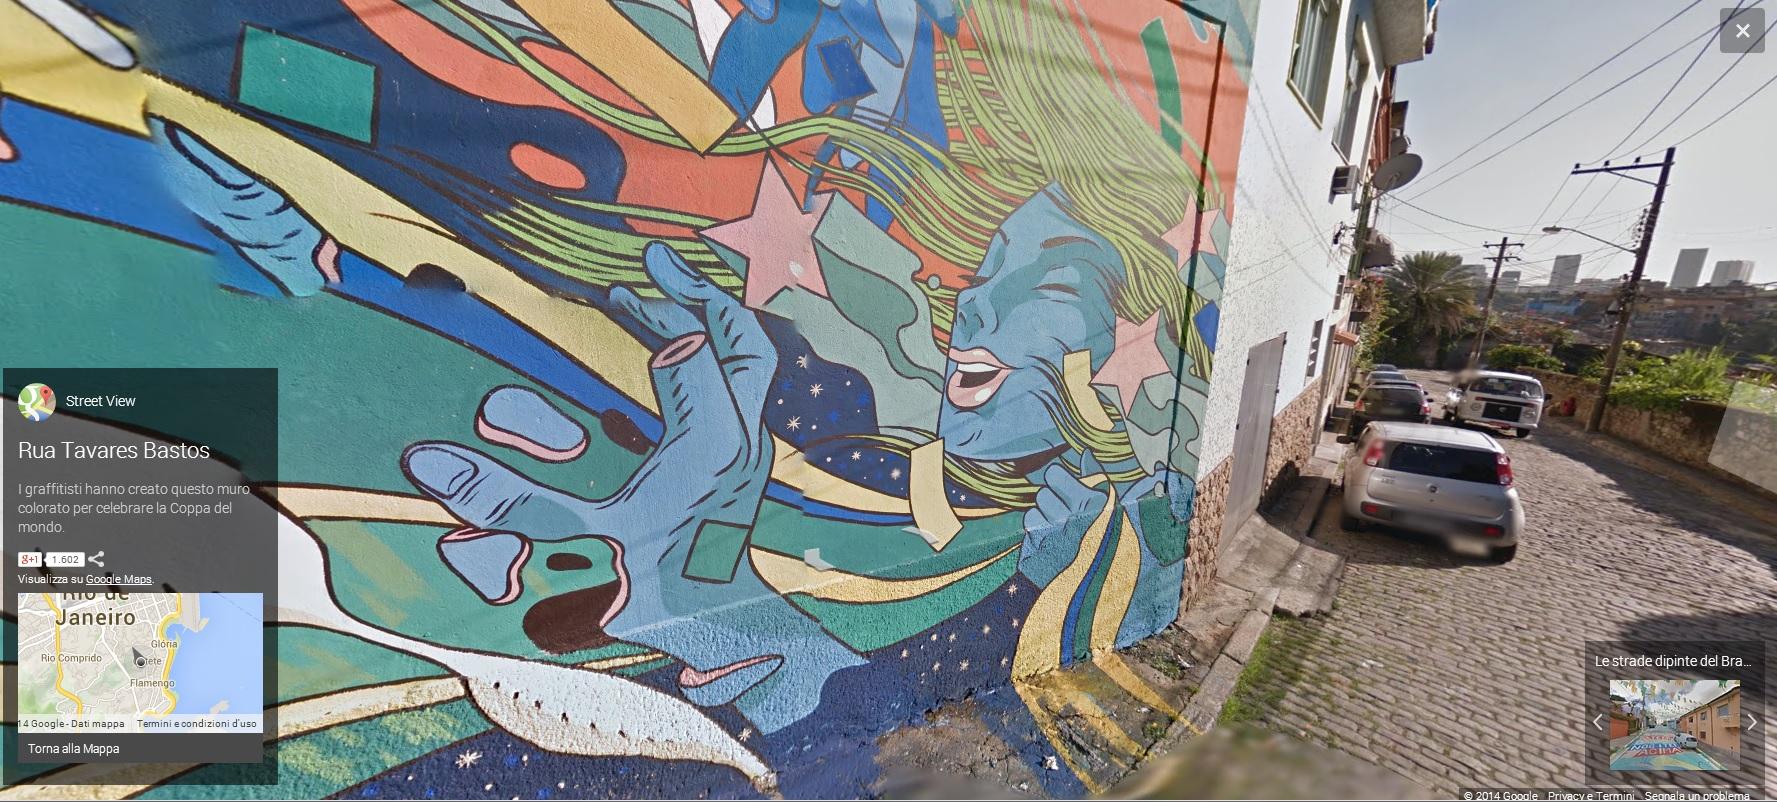 BRASILE2 MONDIALI BRASILE 2014   Google Maps e le strade dipinte